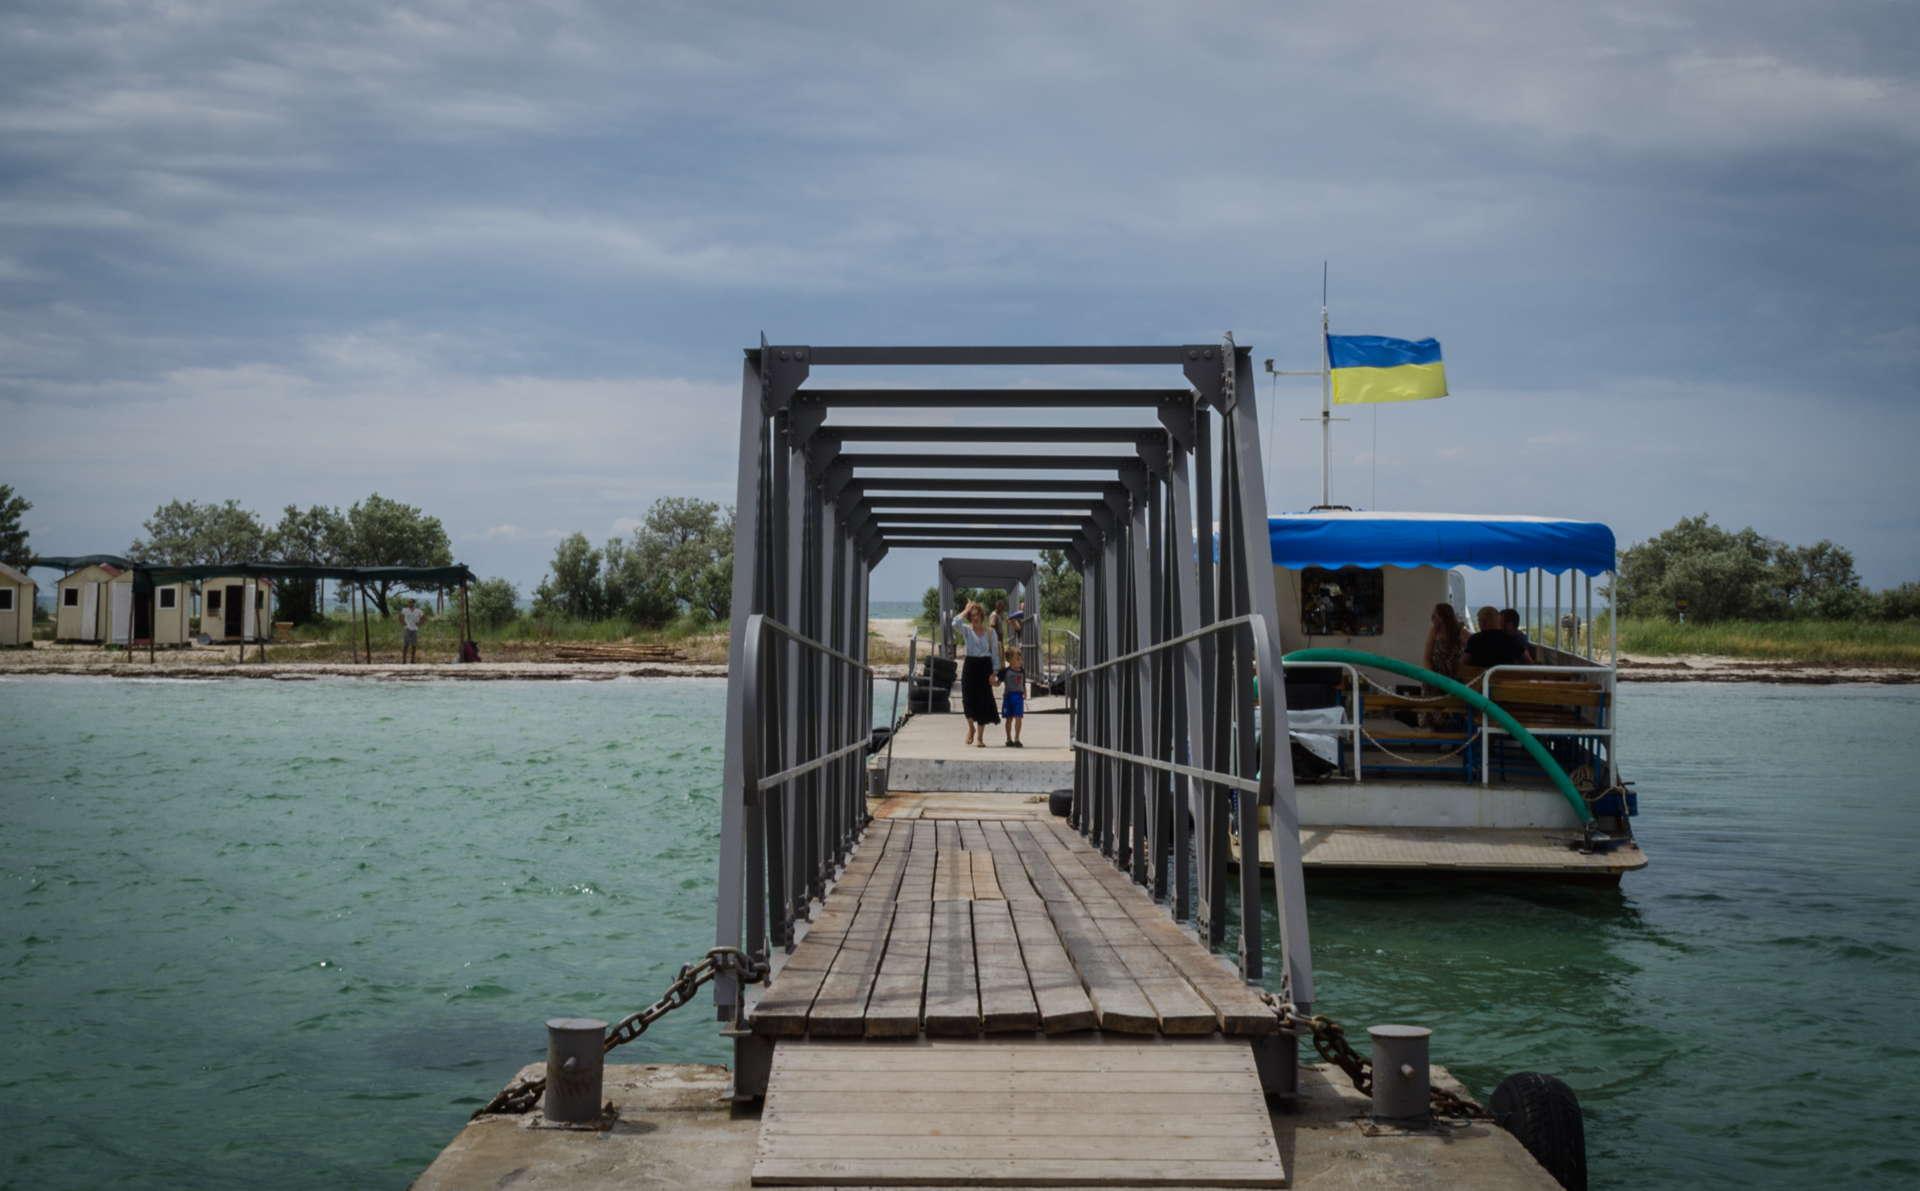 Остров Джарылгач - Украинские Мальдивы, джарылгач, украинские мальдивы, остров джарылгач, дикая природа джарылгача, причал на джарылгаче, джарылгачский национальный парк